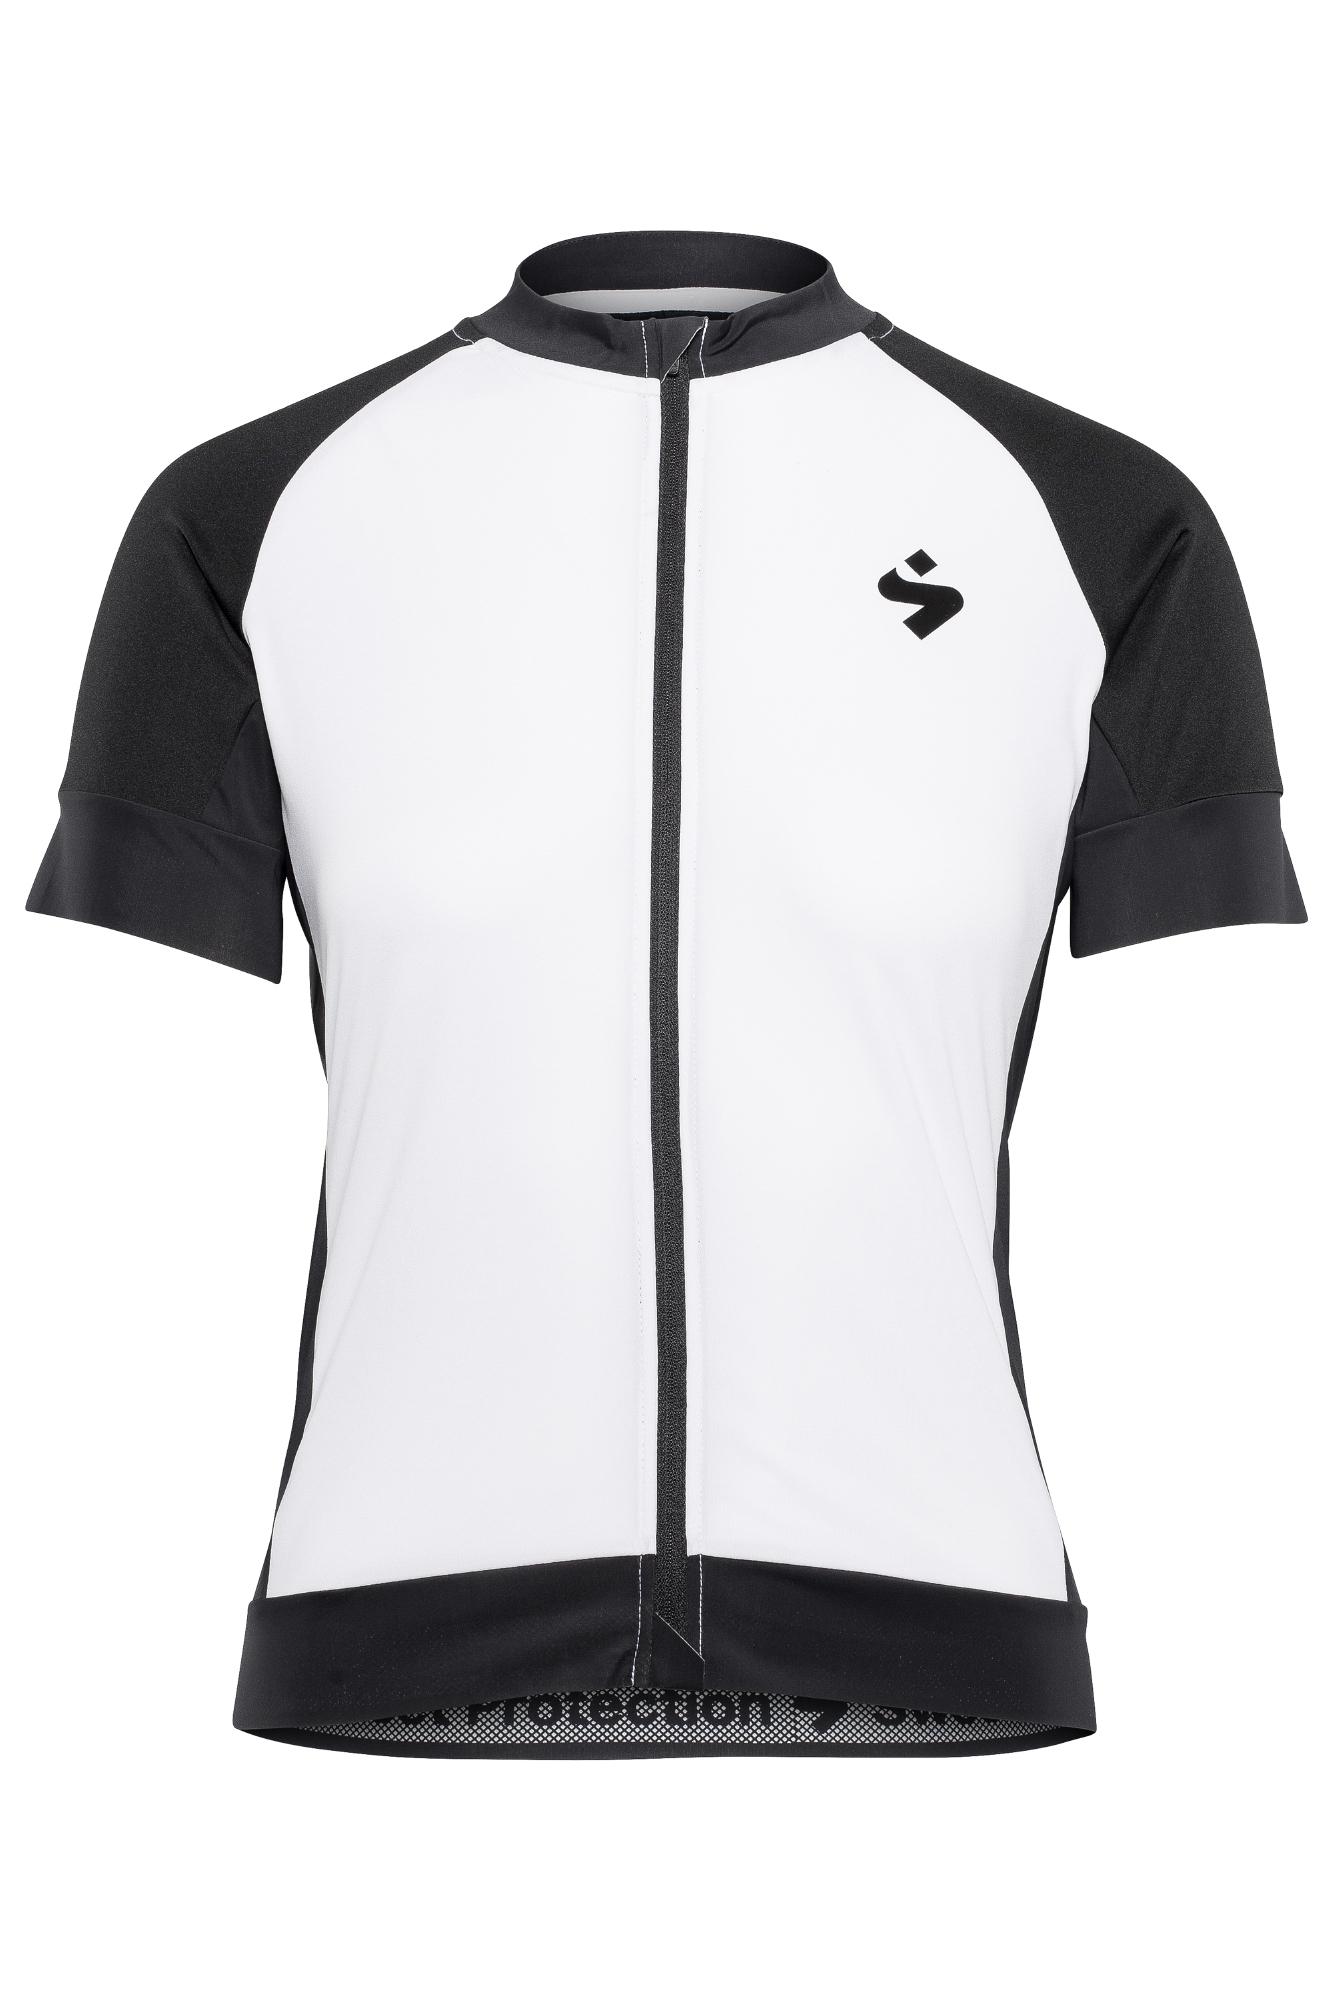 Sweet Protection Crossfire Jersey W - Dame cykeltrøje - Hvid | Jerseys